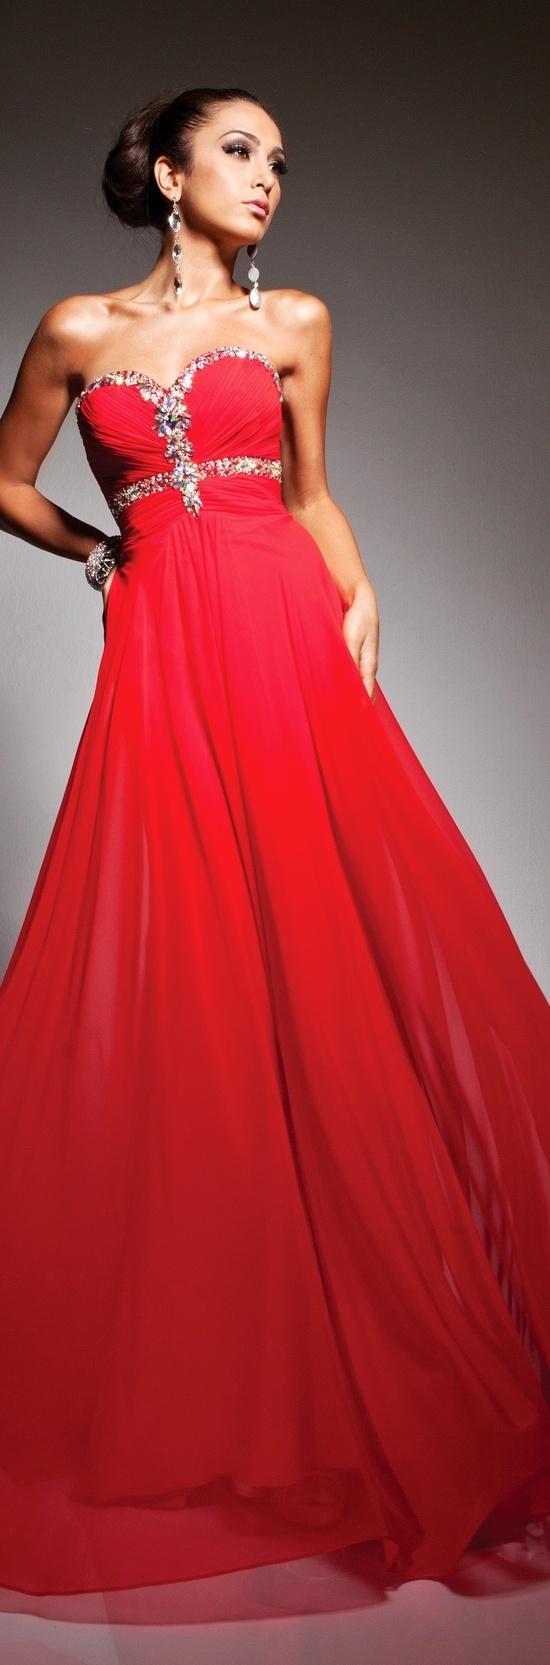 149 besten Evening dresses..…. Bilder auf Pinterest | Abendkleider ...